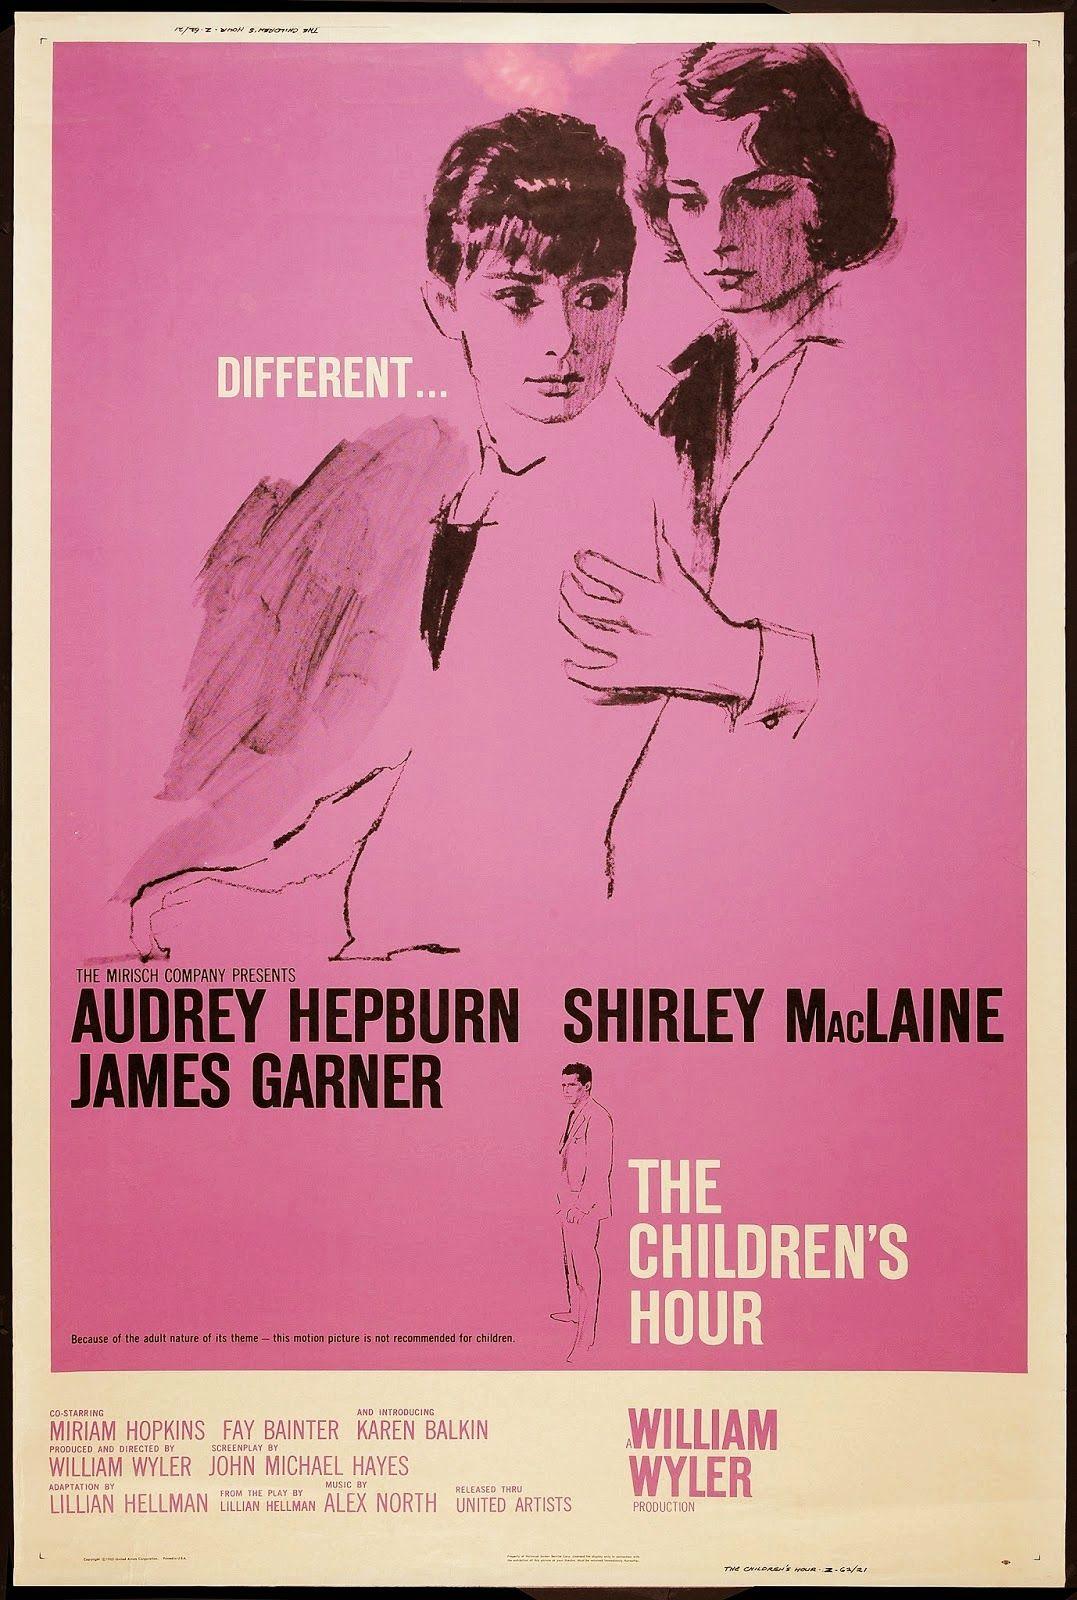 El Señor De Los Bloguiños La Calumnia 1961 De William Wyler Carteleras De Cine Carteles De Cine Carteles De Películas Famosas